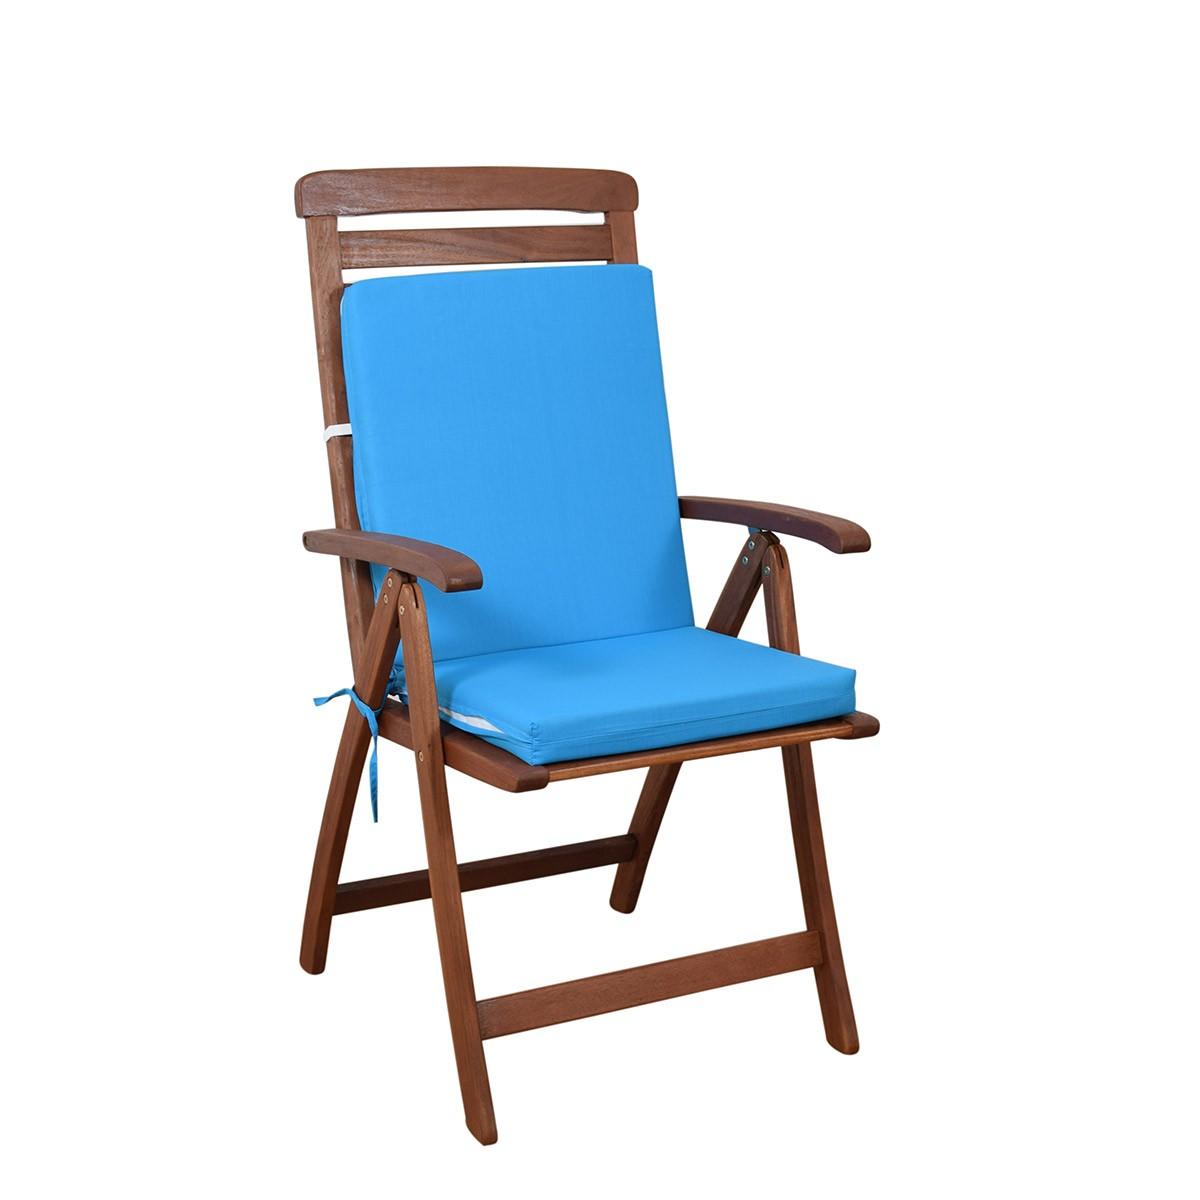 Μαξιλάρι Καρέκλας Πλάτη/Φερμουάρ Fratoni Solid Turquoise